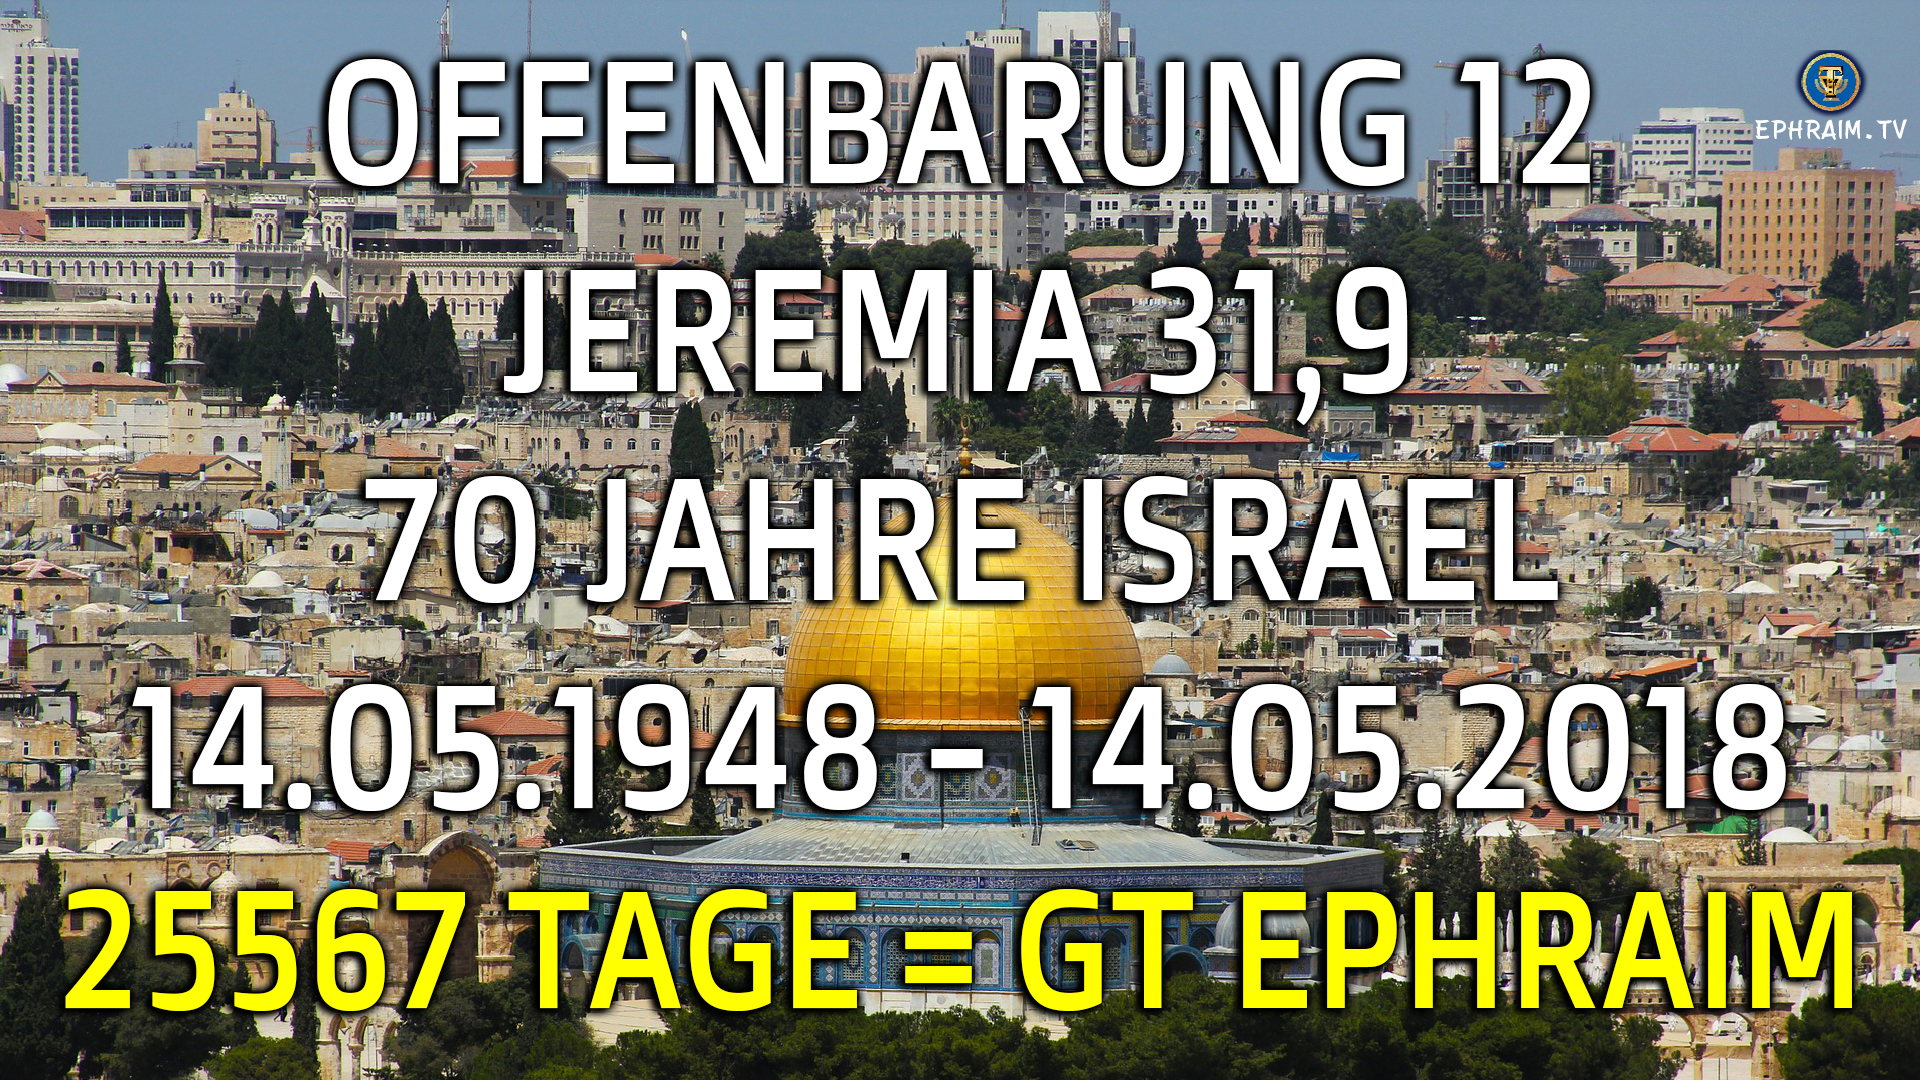 UNGLAUBLICH? OFFENBARUNG 12 - 70 JAHRE ISRAEL - 25567 TAGE = 25.5.67 = GEBURTSTAG EPHRAIM (MESSIAS)